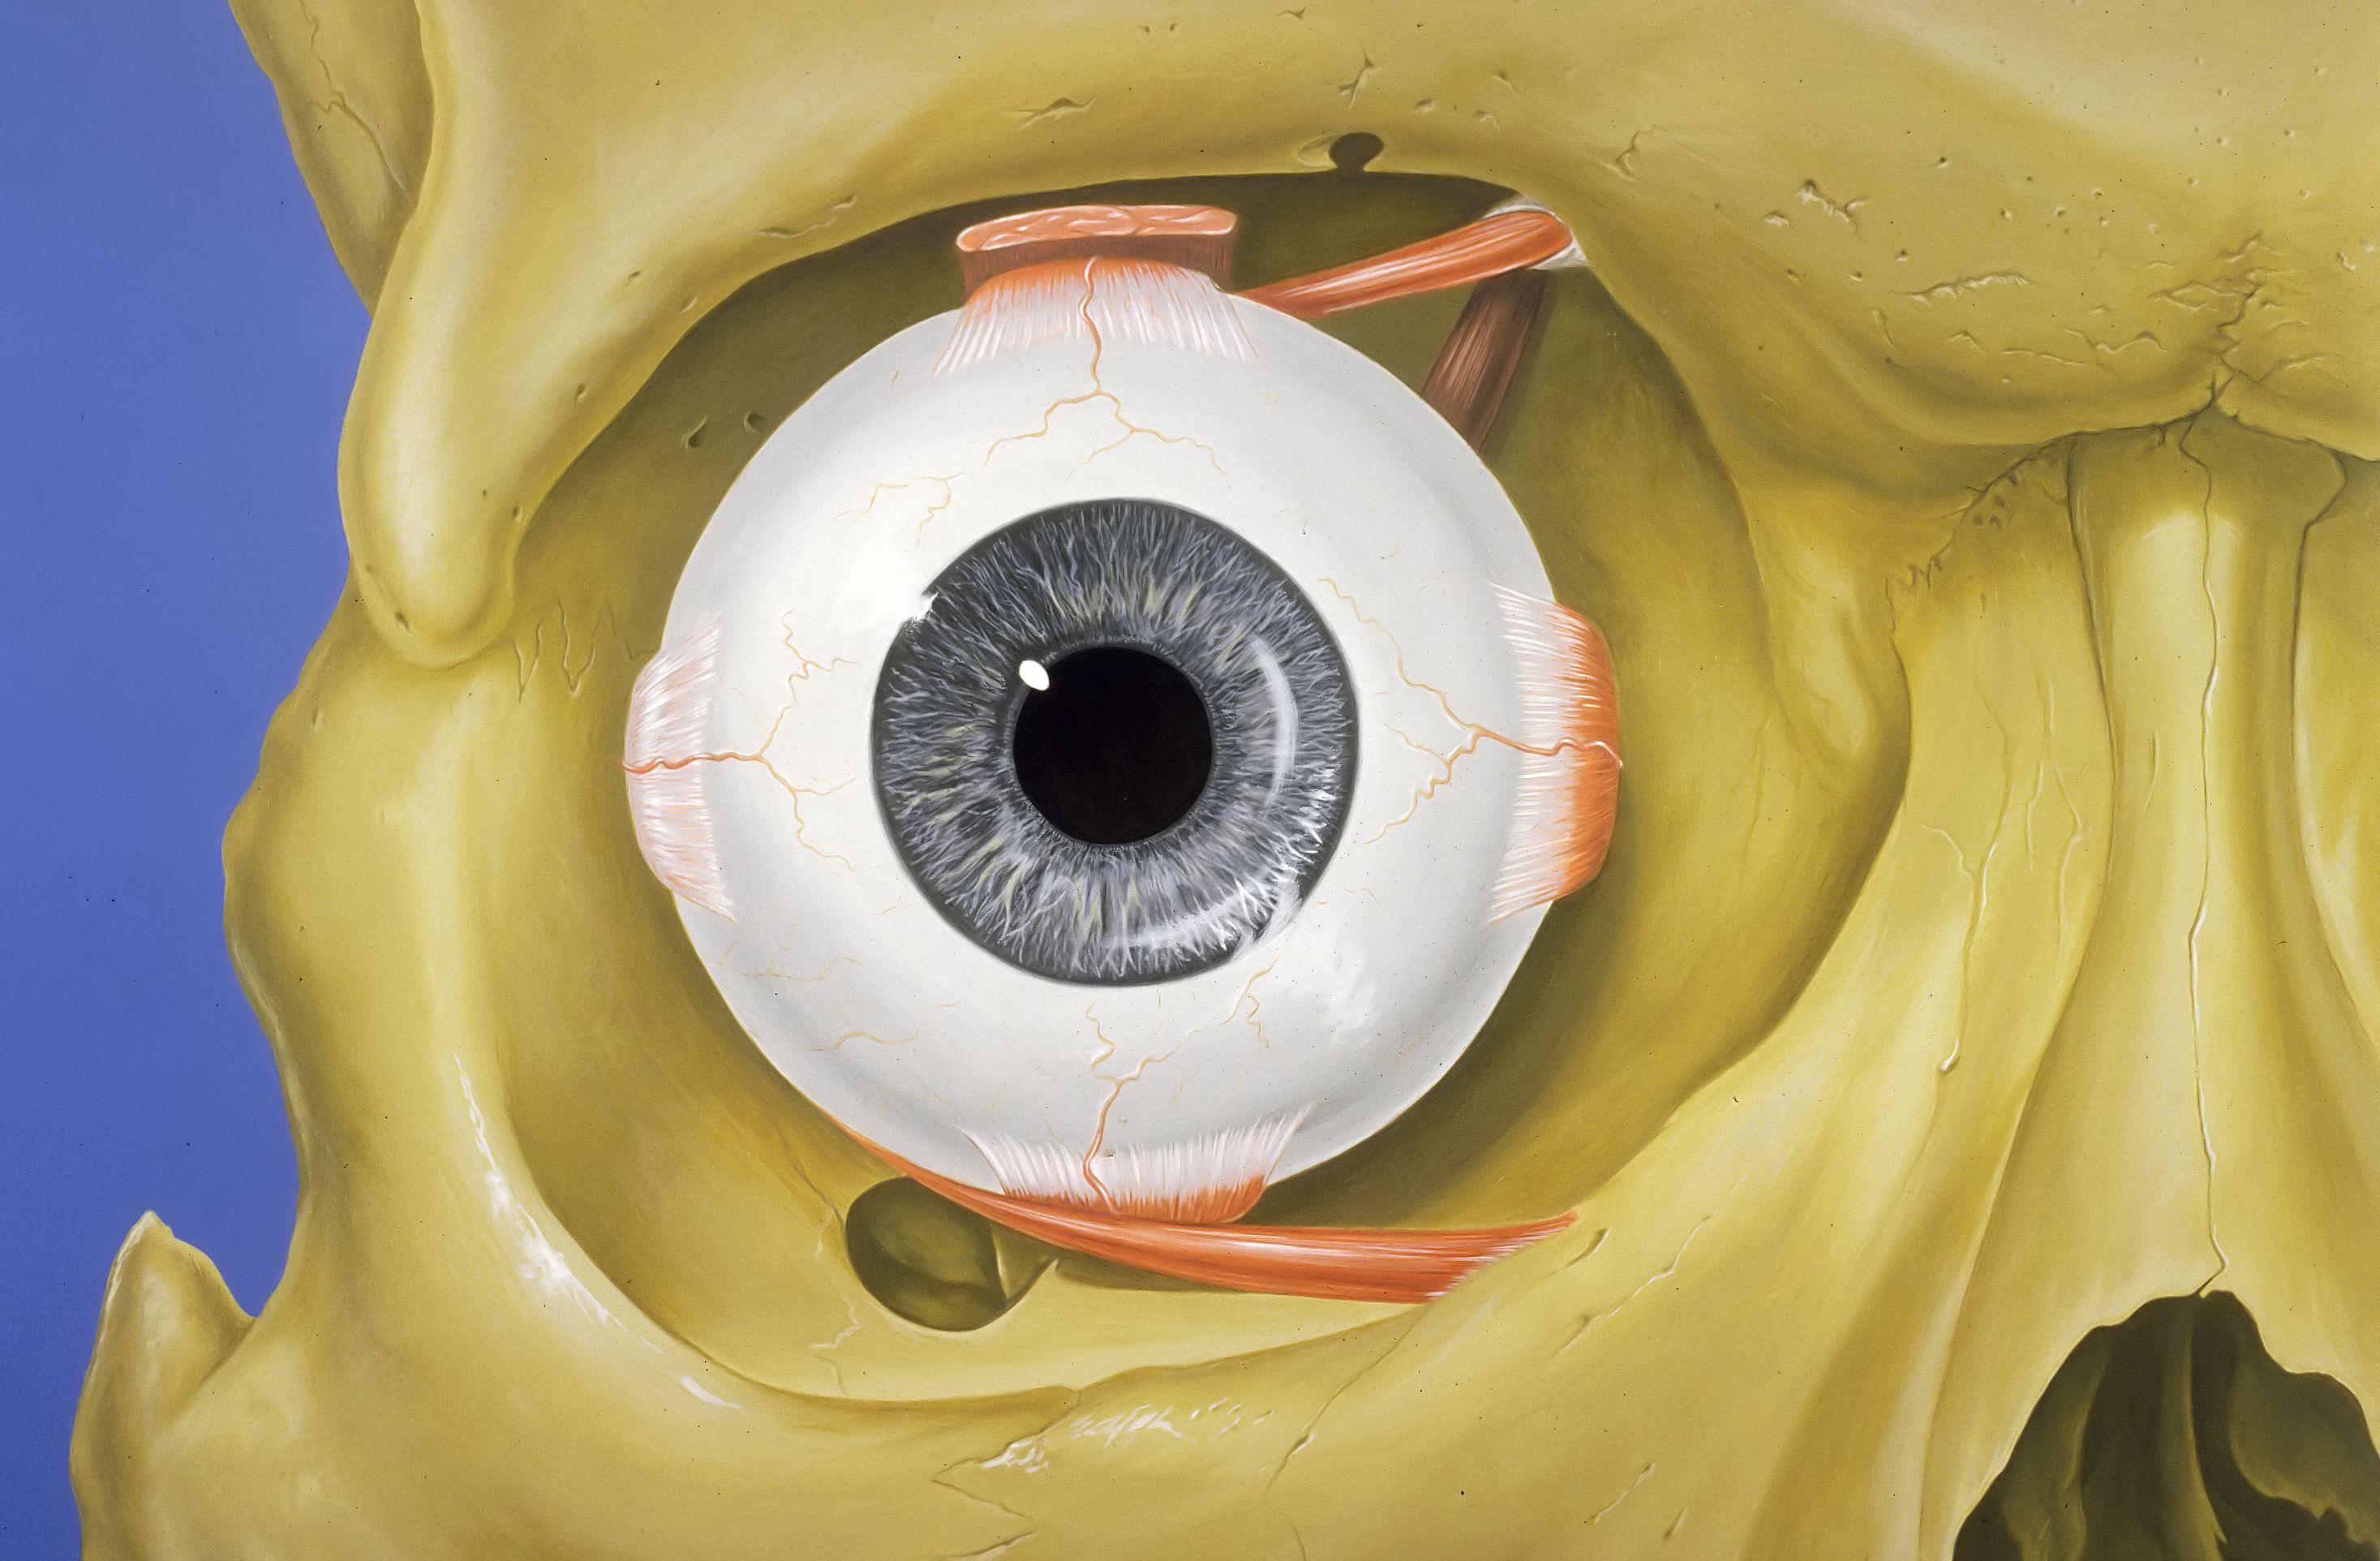 Pin by Chris Dzemske on Anatomy | Pinterest | Anatomy, Orbit anatomy ...